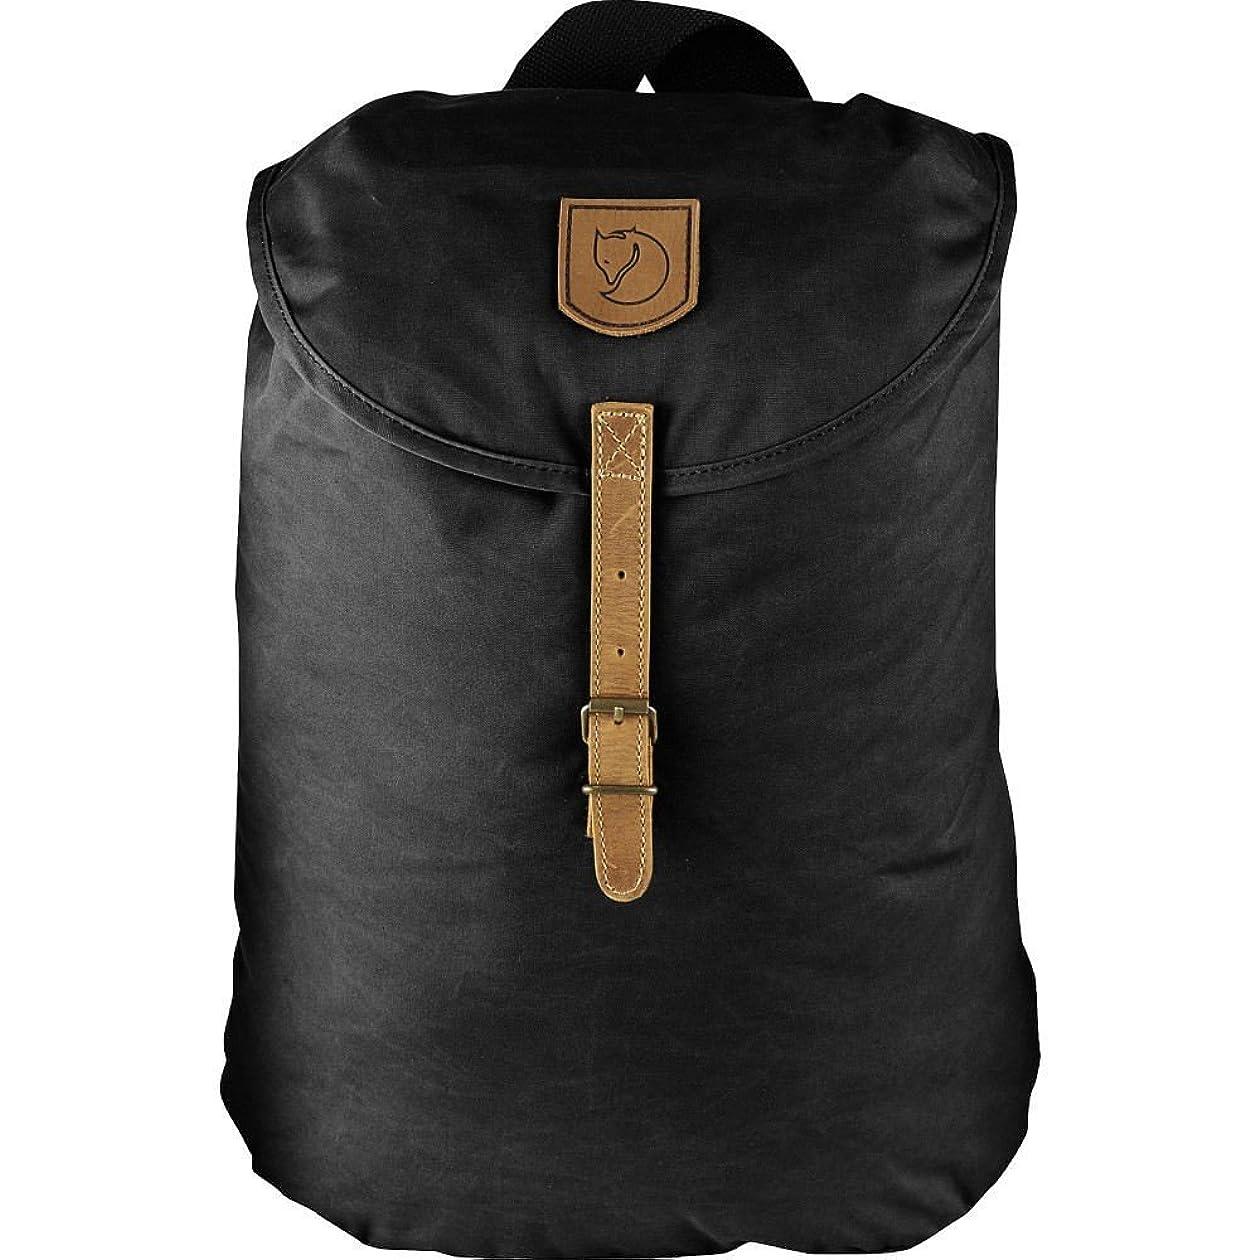 歴史ブリリアント凝視(フェールラーベン) Fjallraven メンズ バッグ パソコンバッグ Greenland Backpack Small [並行輸入品]